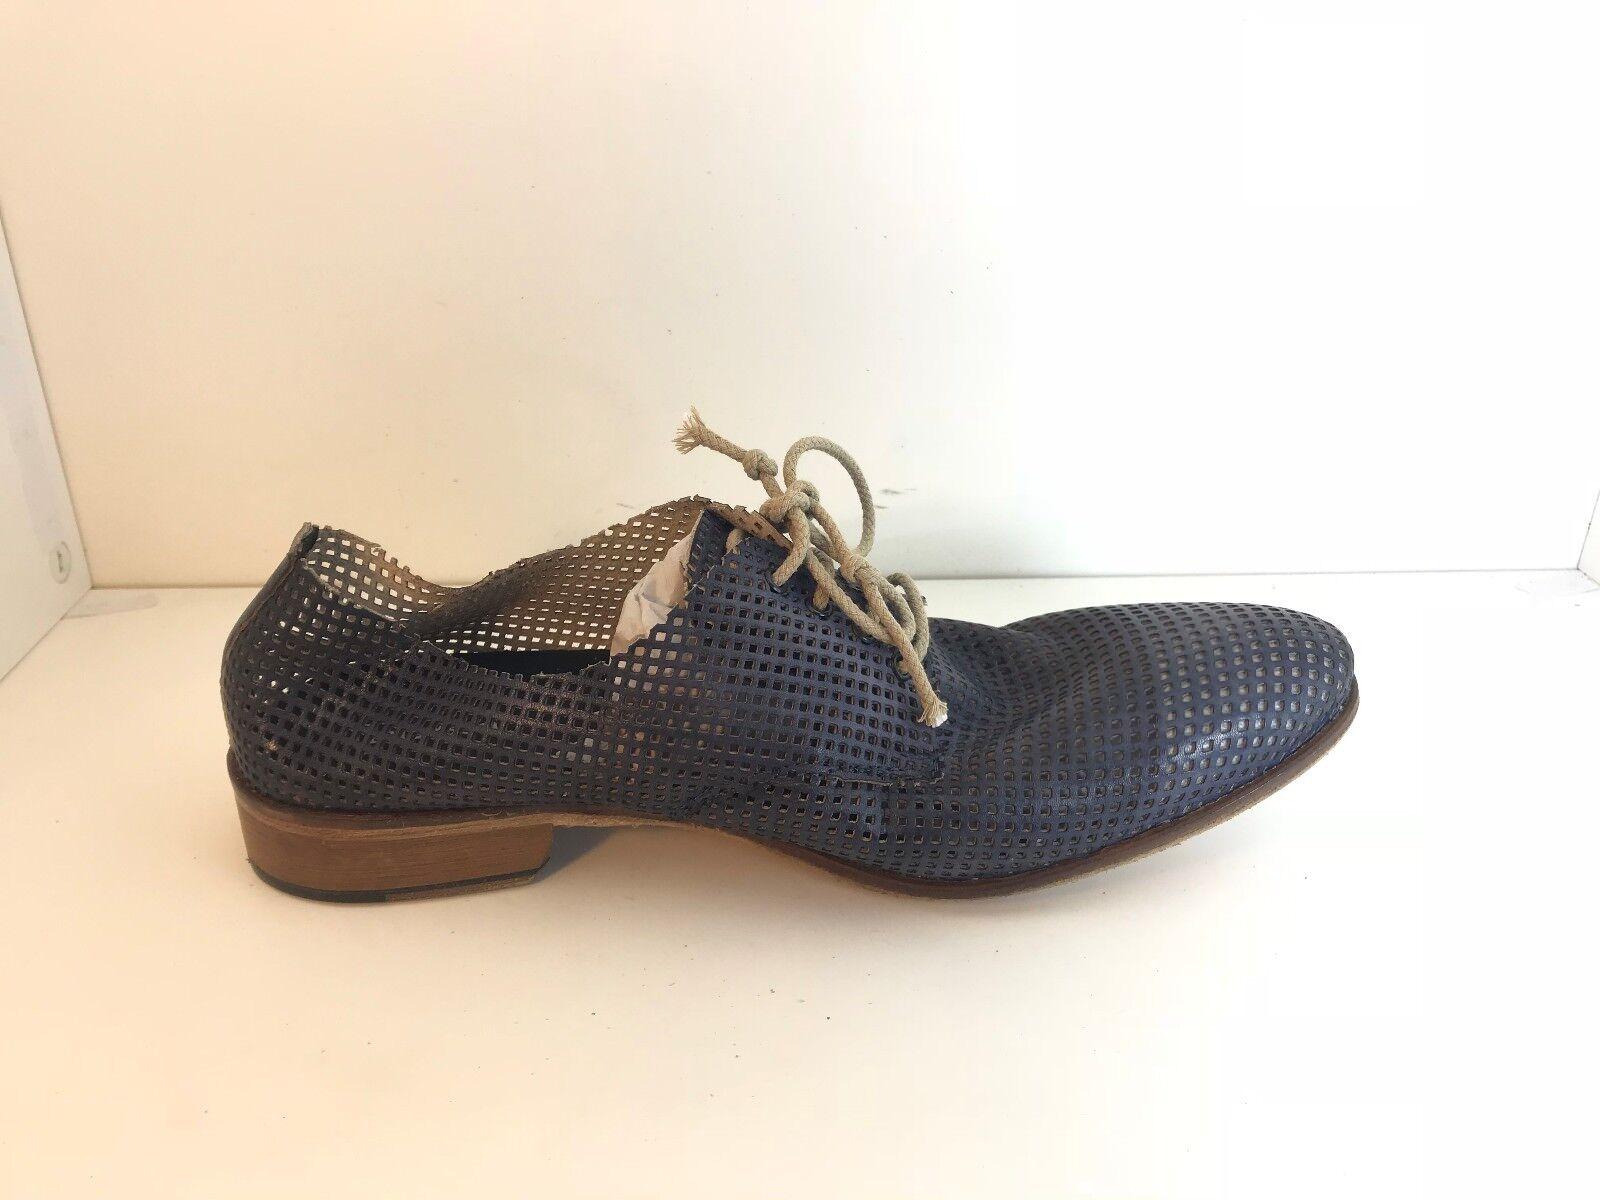 Prem1um scarpe made in italy 100% uomo man pelle leather 100% italy casual classic 058daa